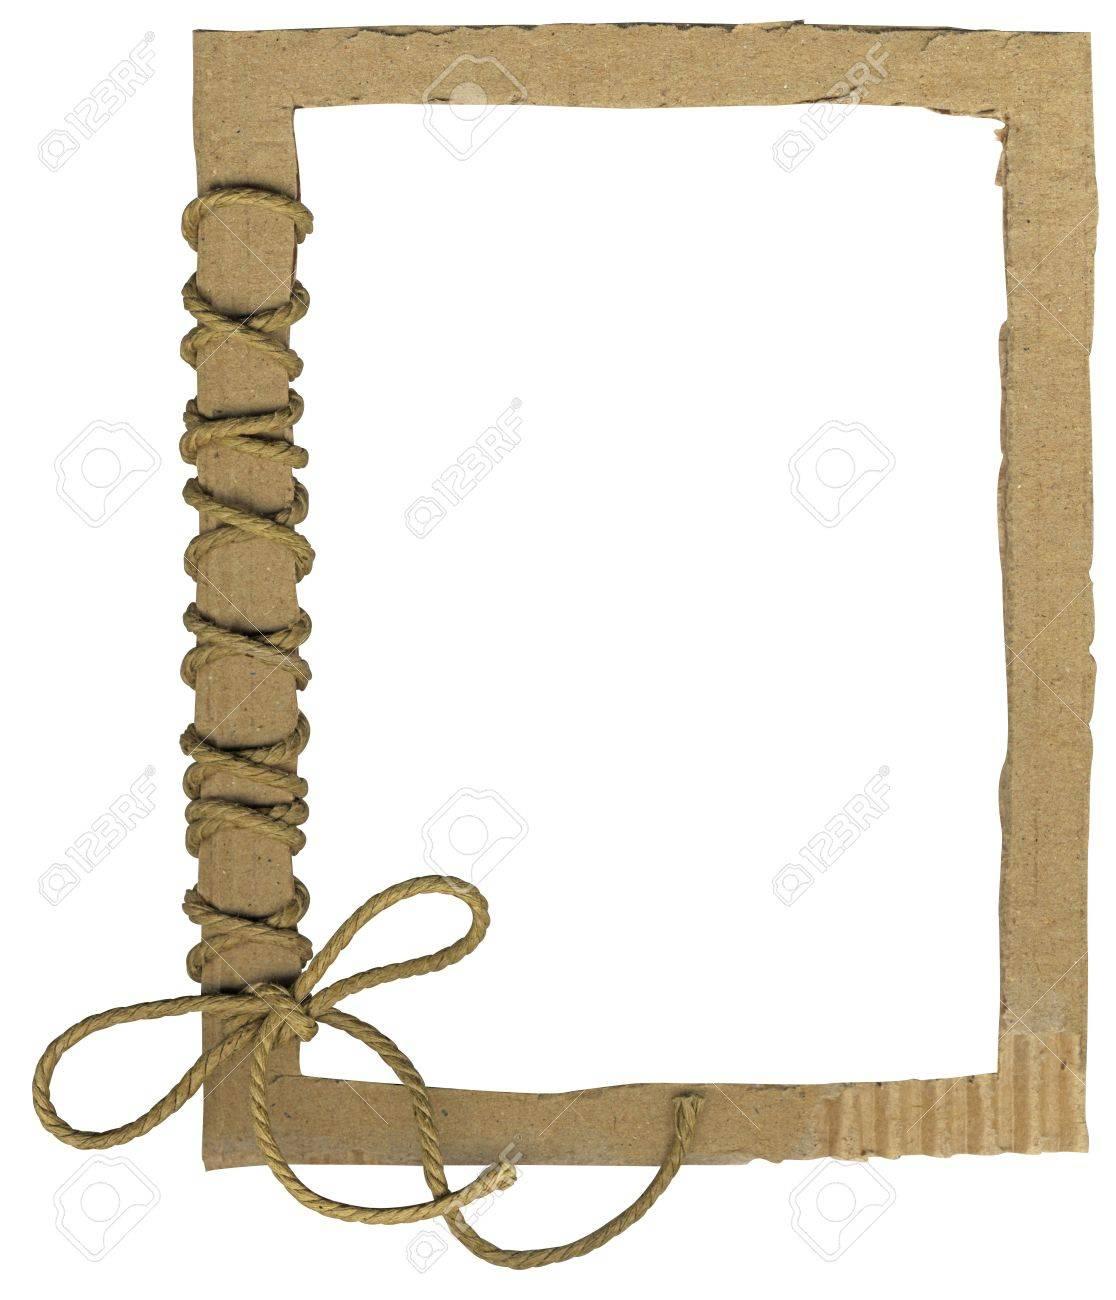 Karton-Rahmen Für Foto Mit Einem Seil Bogen Lizenzfreie Fotos ...